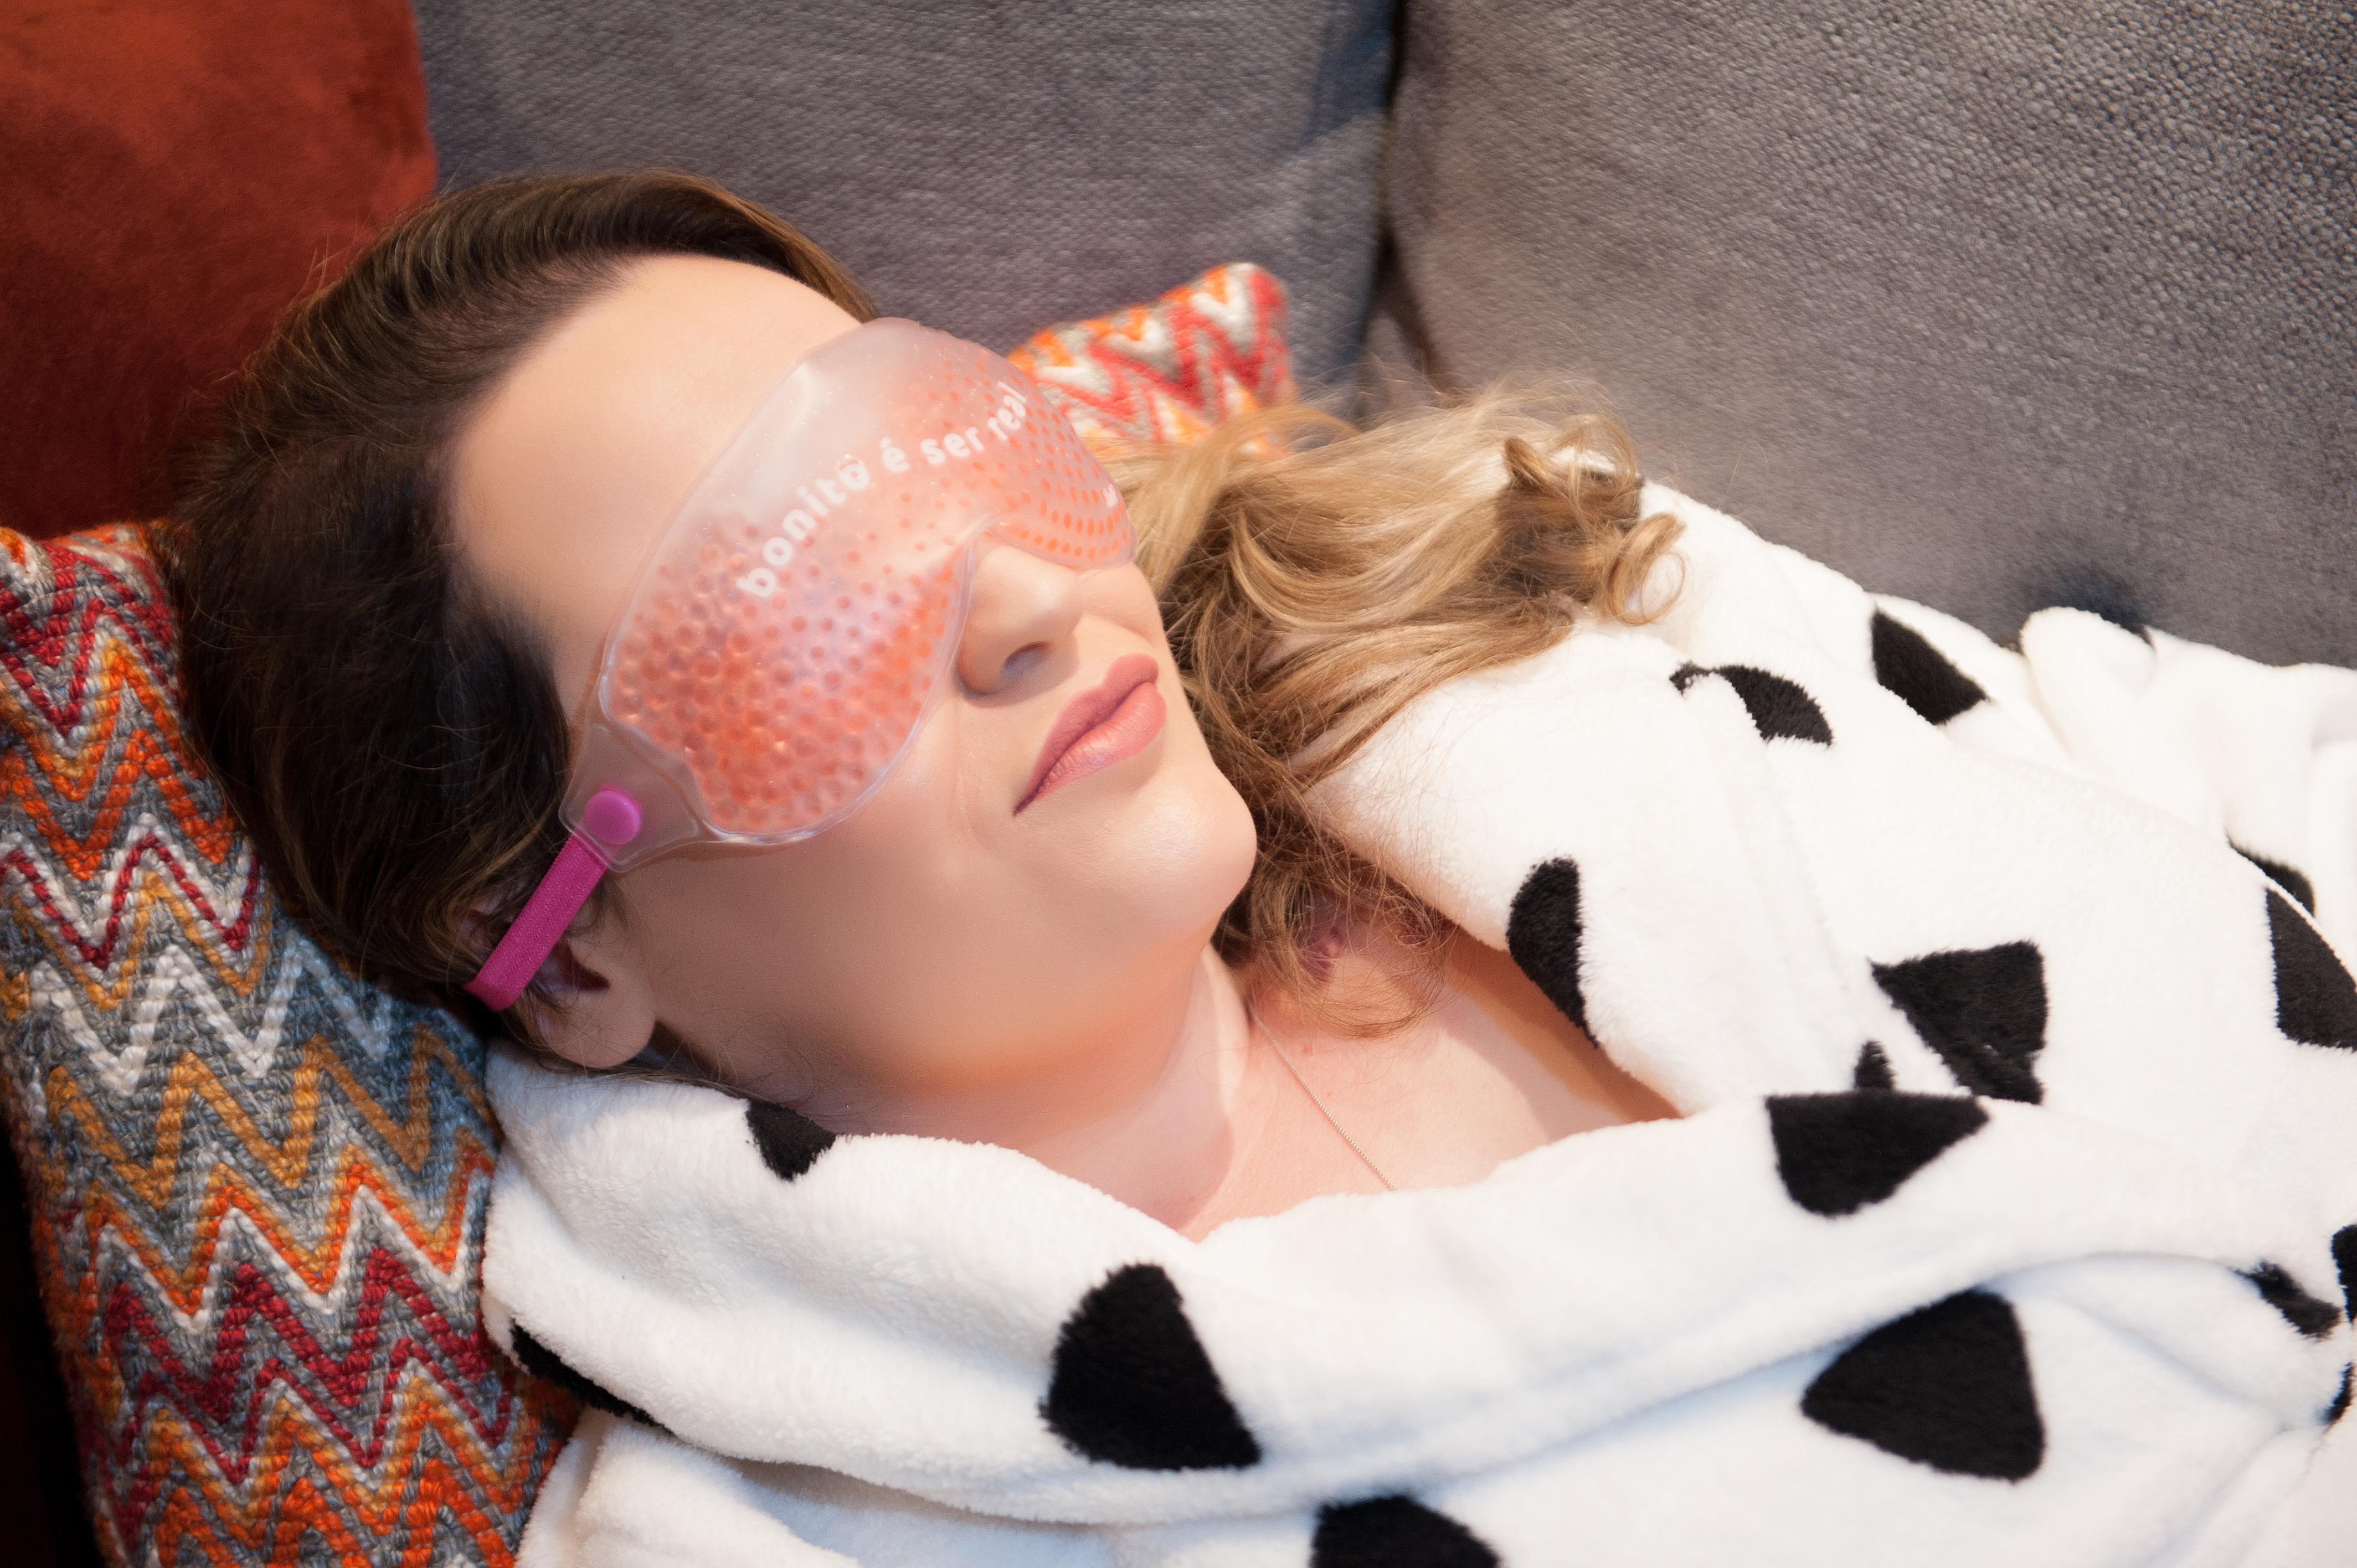 A foto apresenta uma mulher deitada usando um tapa olhos